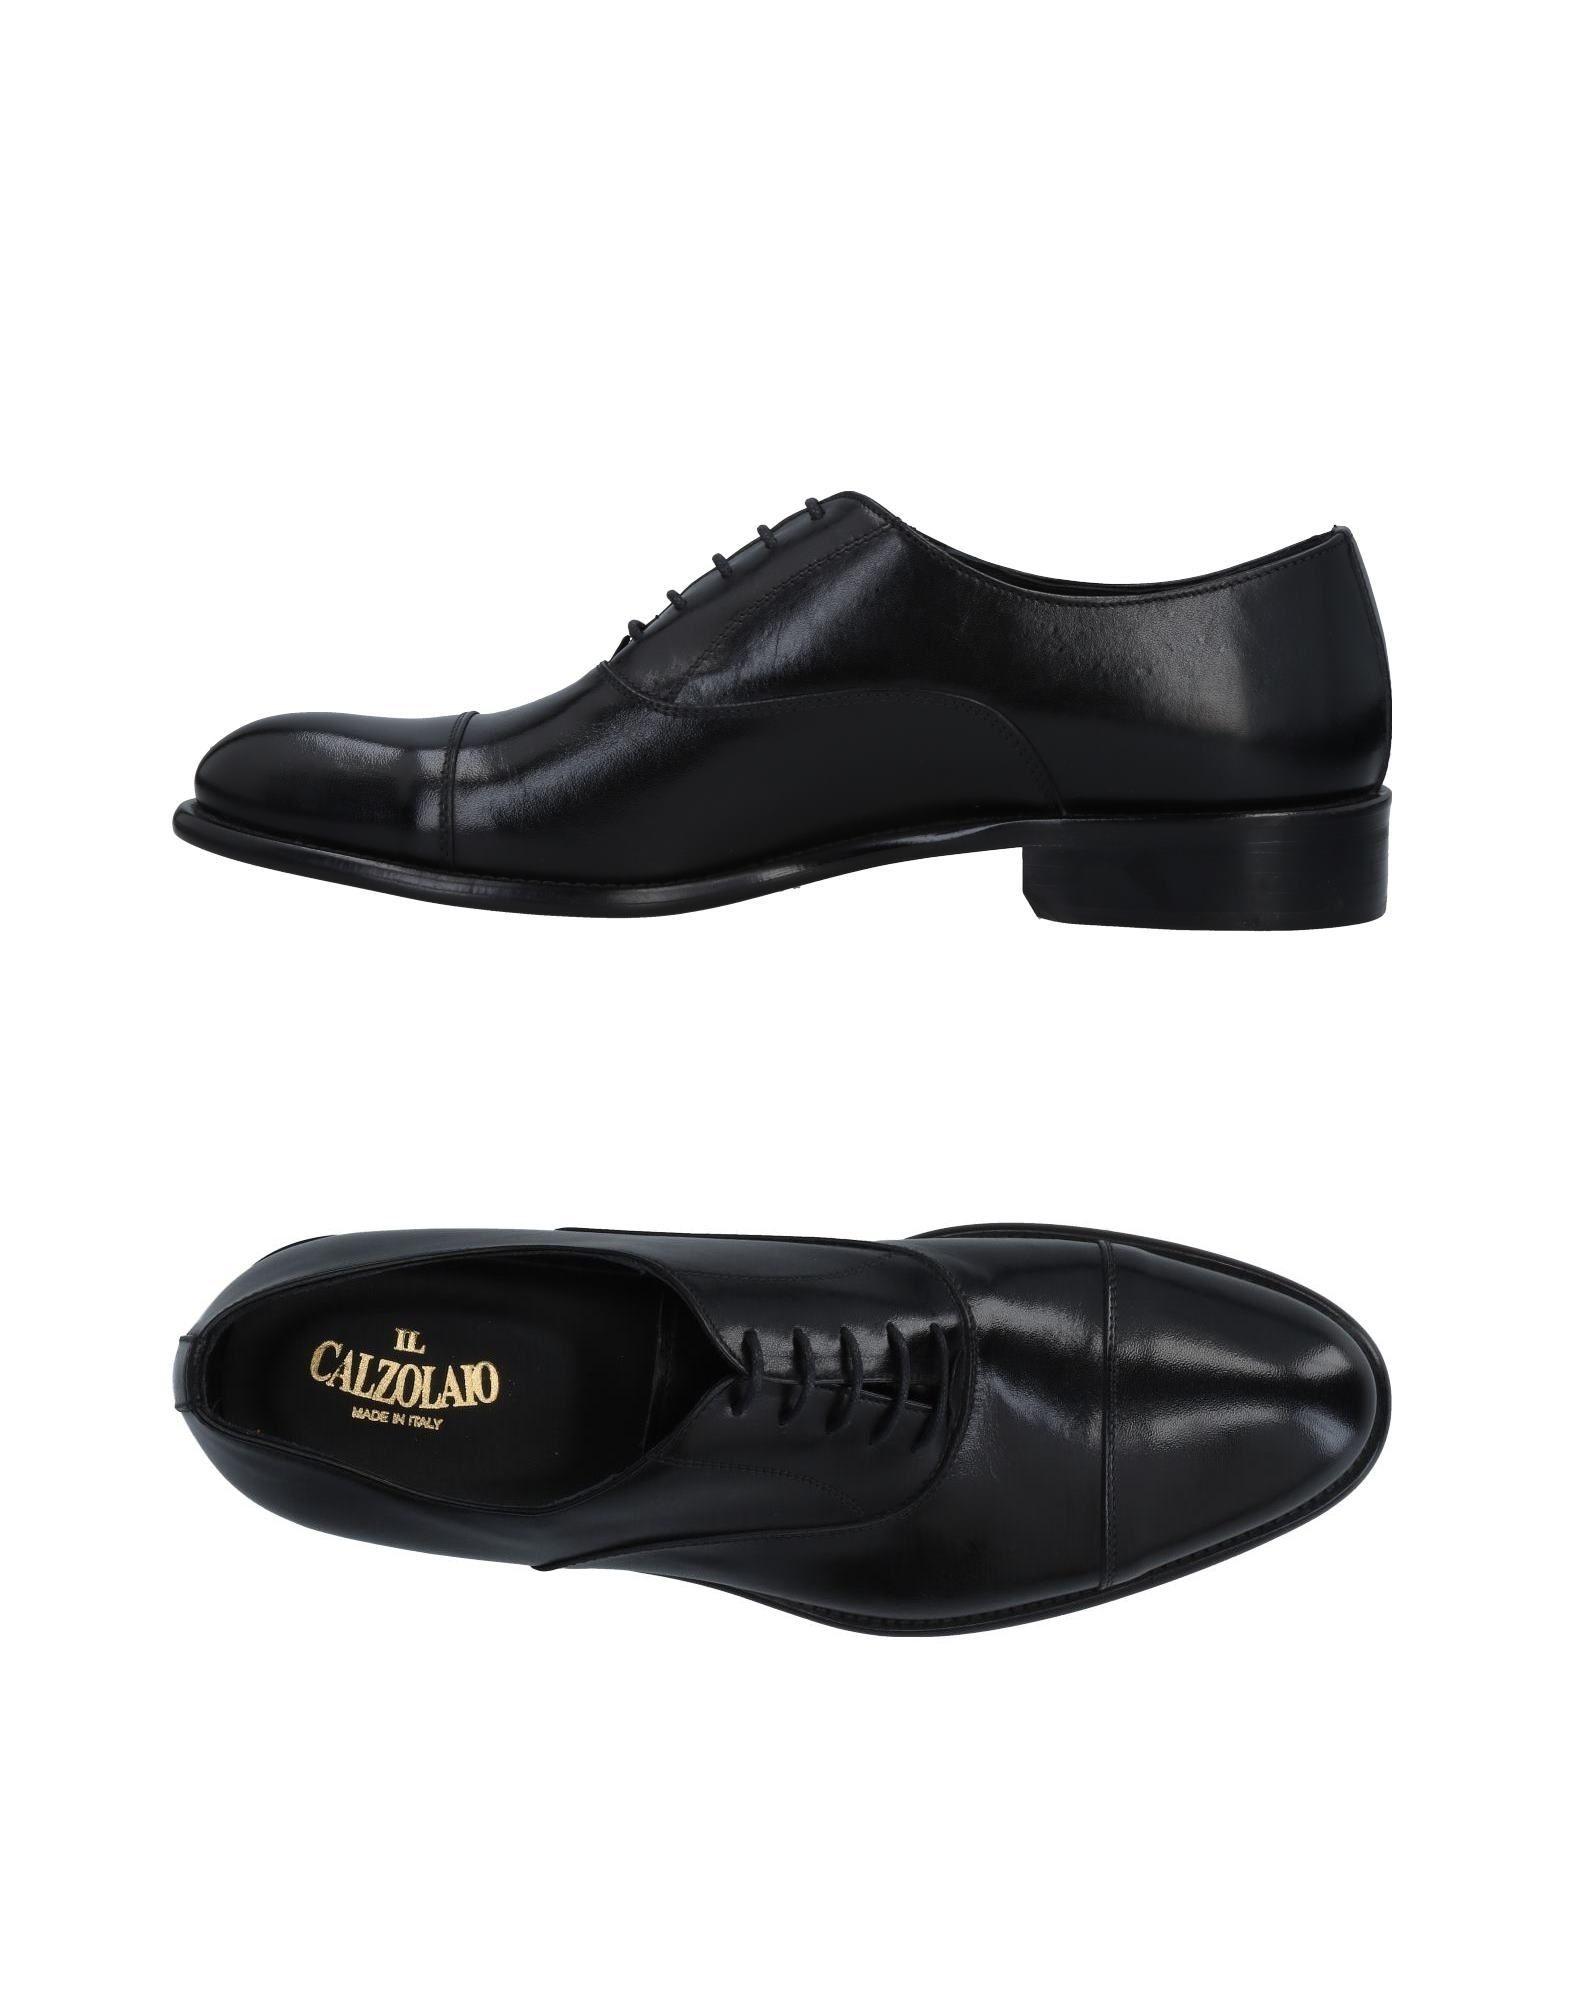 Rabatt echte Schuhe Il Calzolaio Schnürschuhe Herren  11477526KE